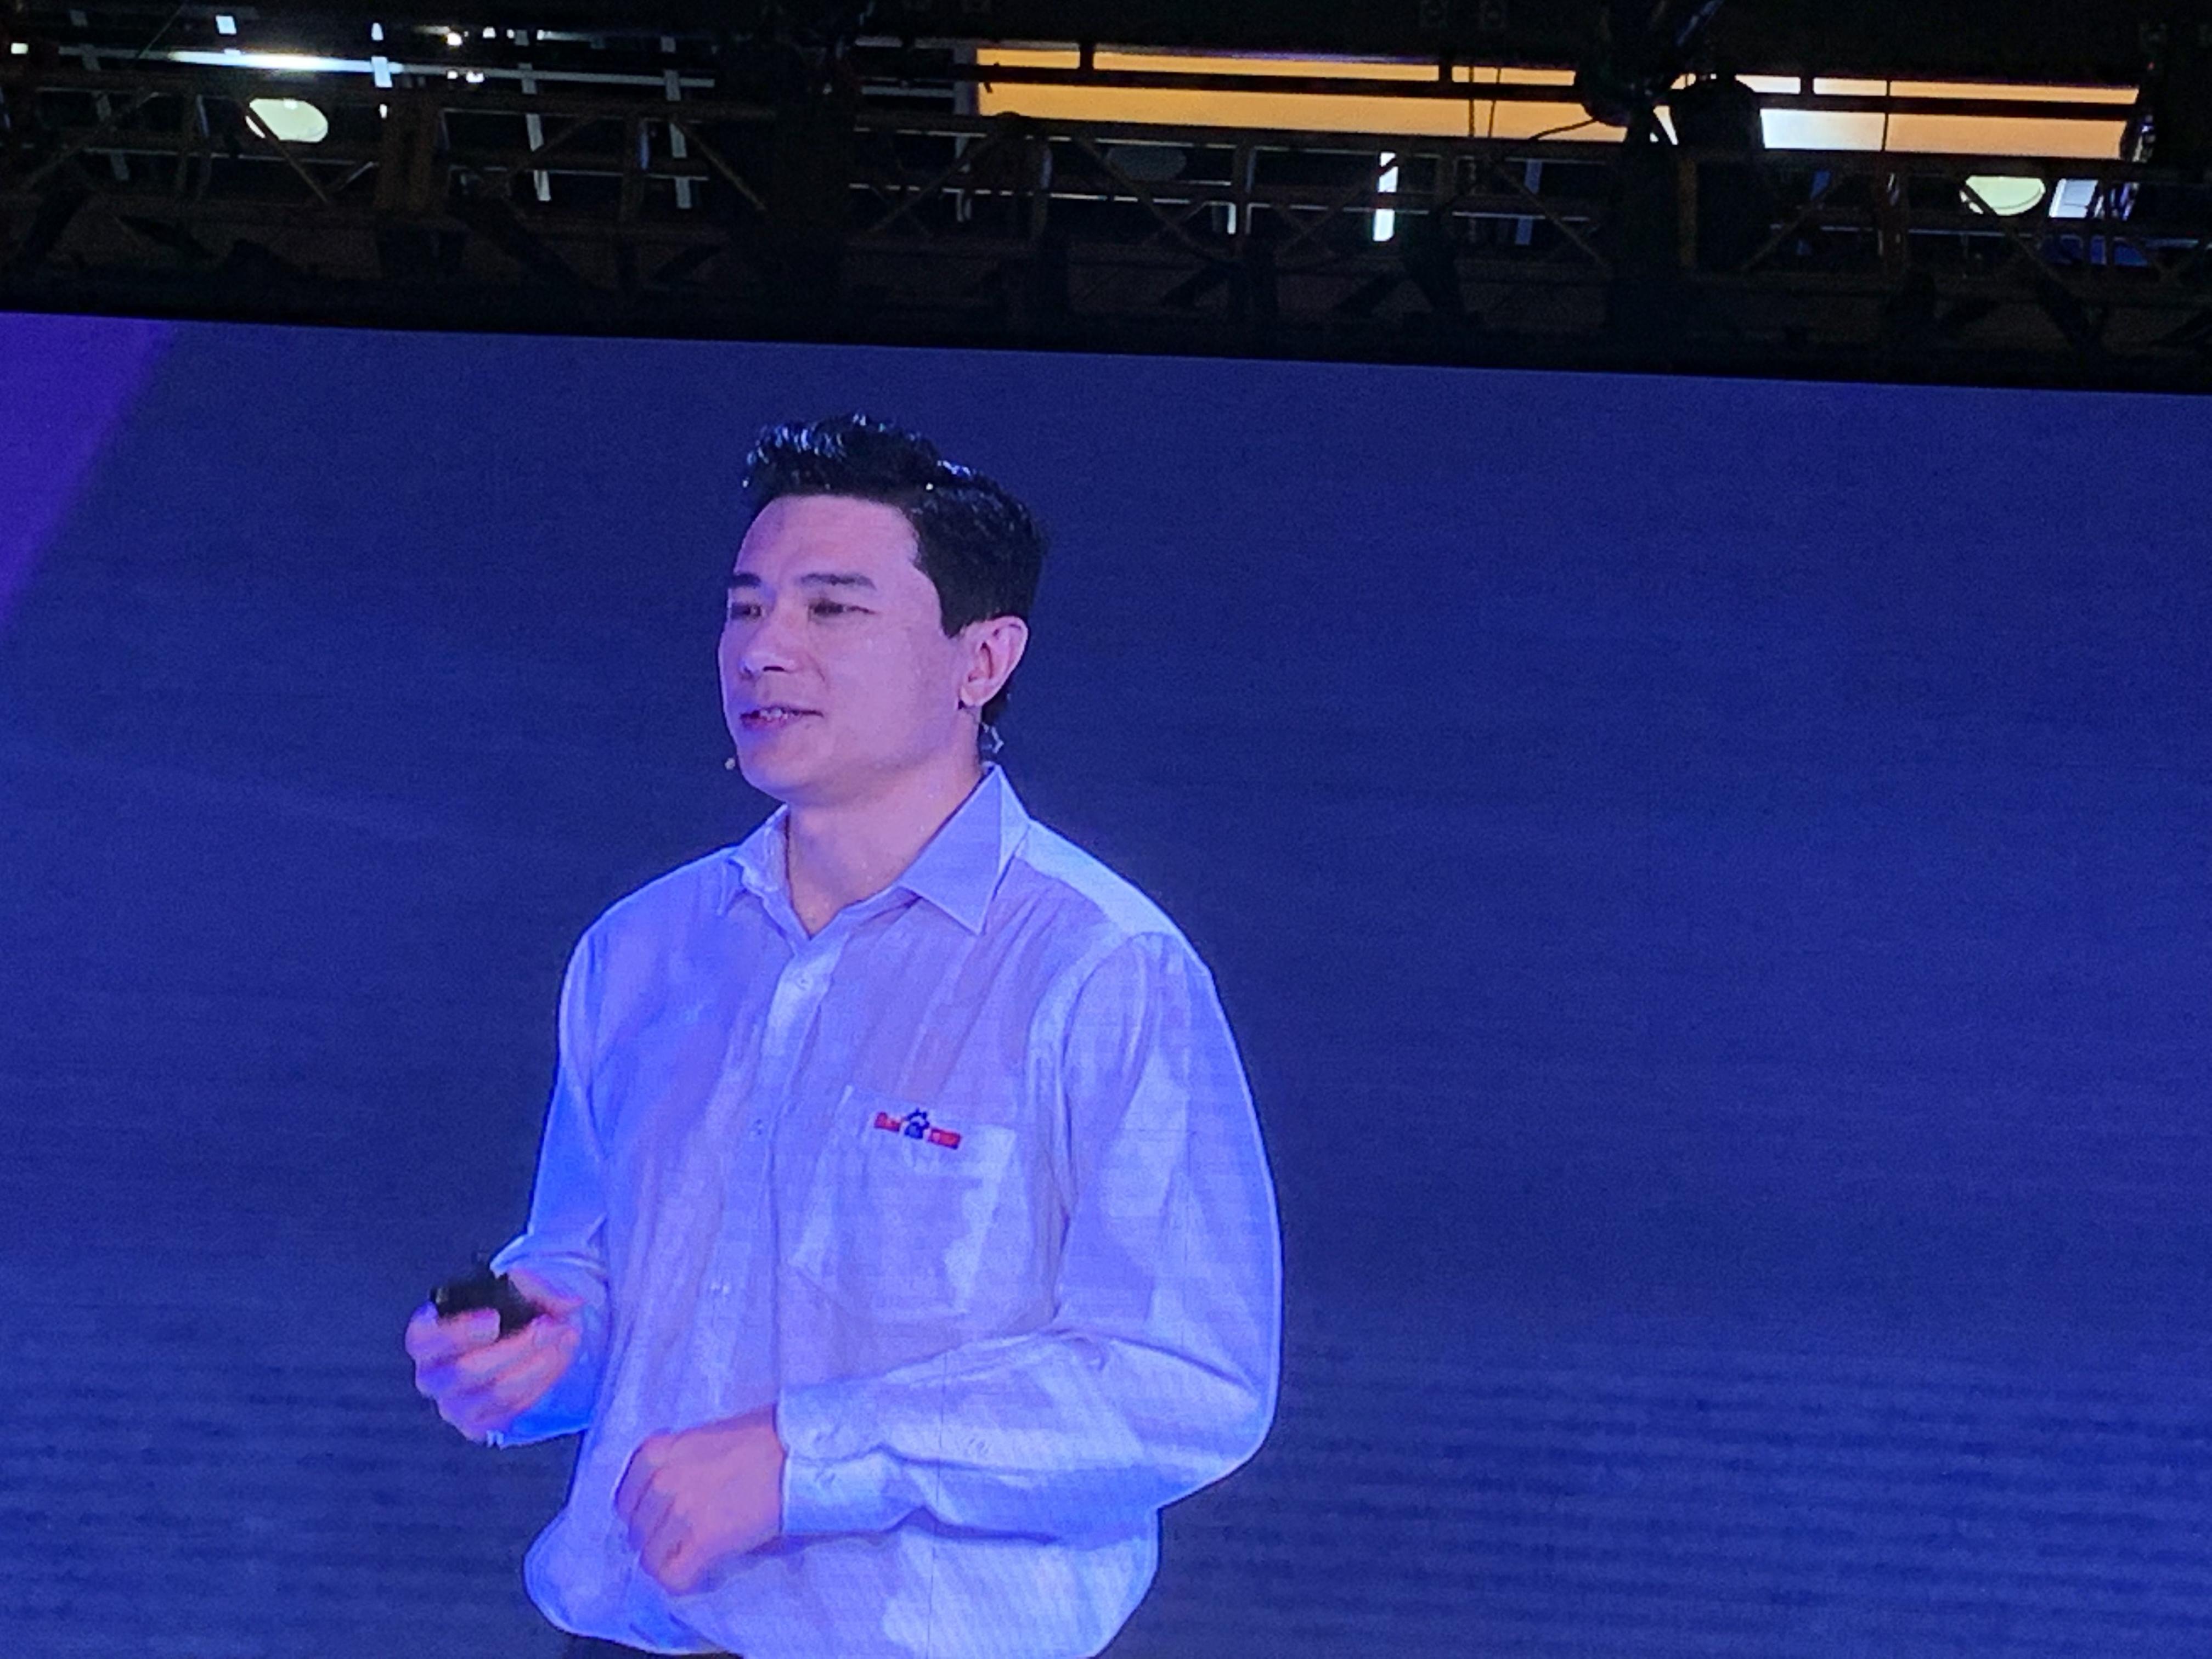 凤凰科技 | 百度AI开发者大会 李彦宏遭现场泼水